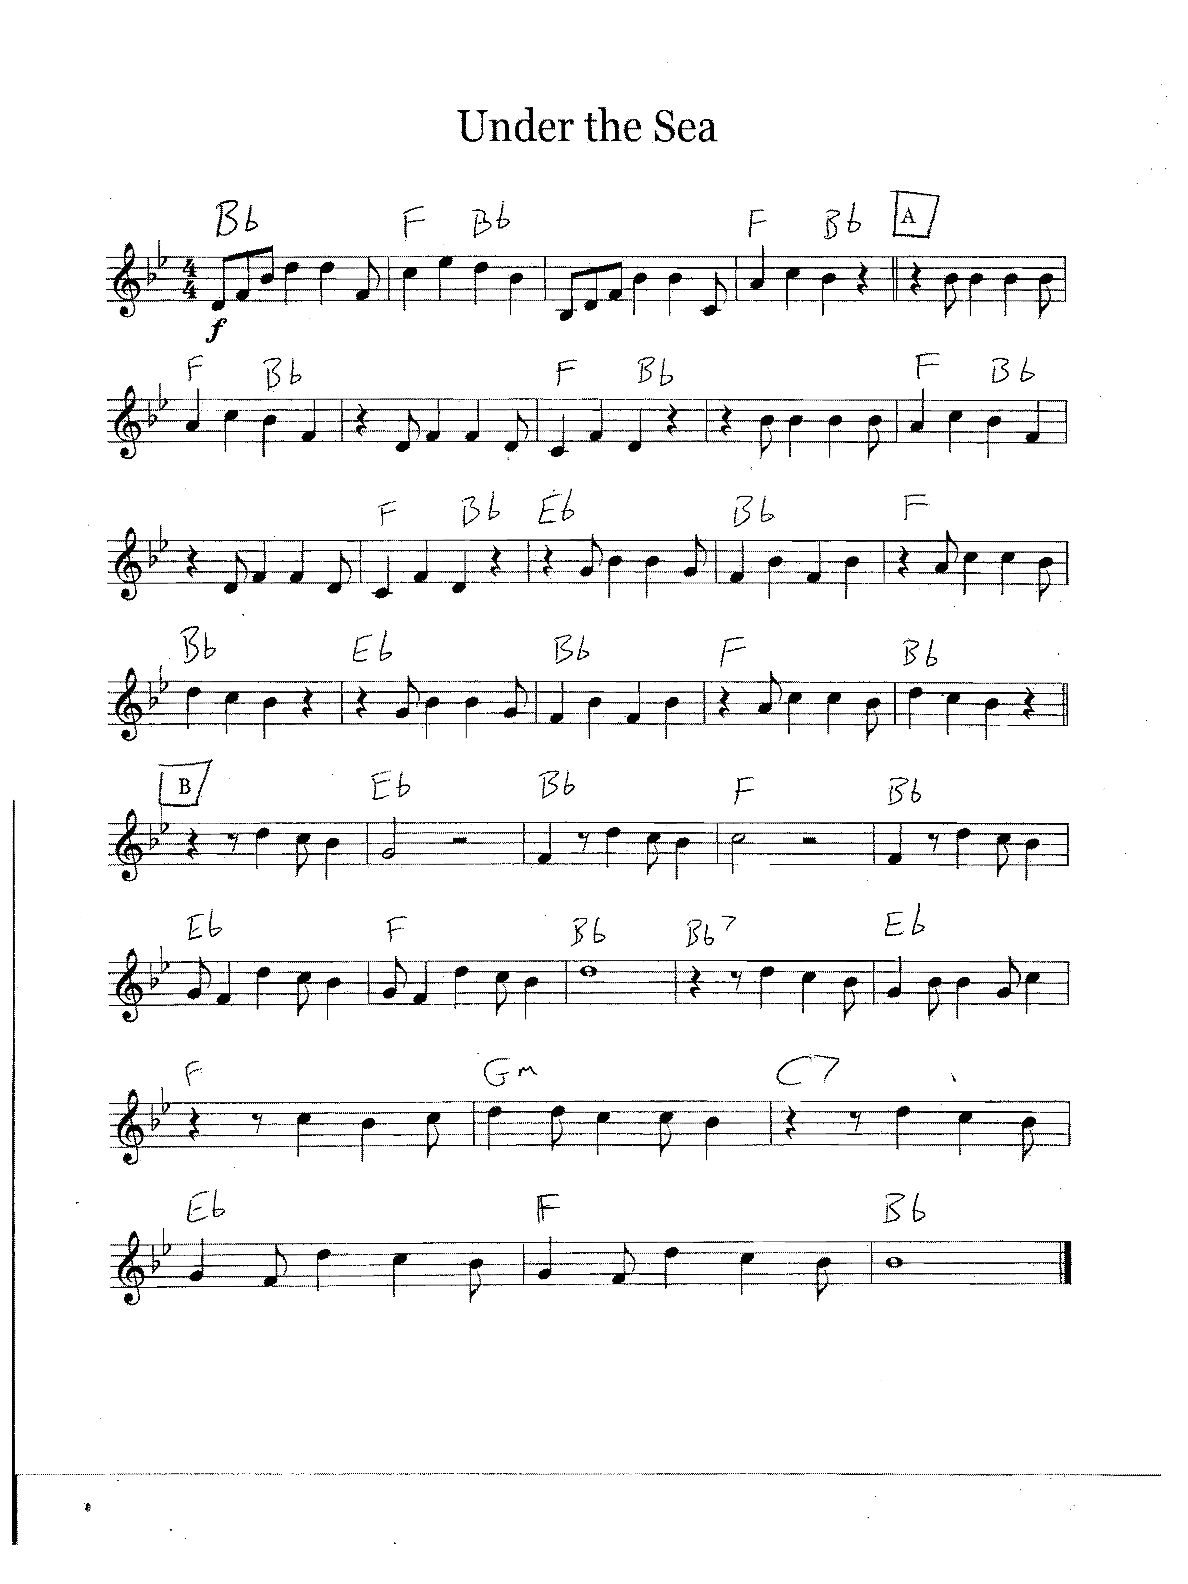 Guitar chord sheet pdf